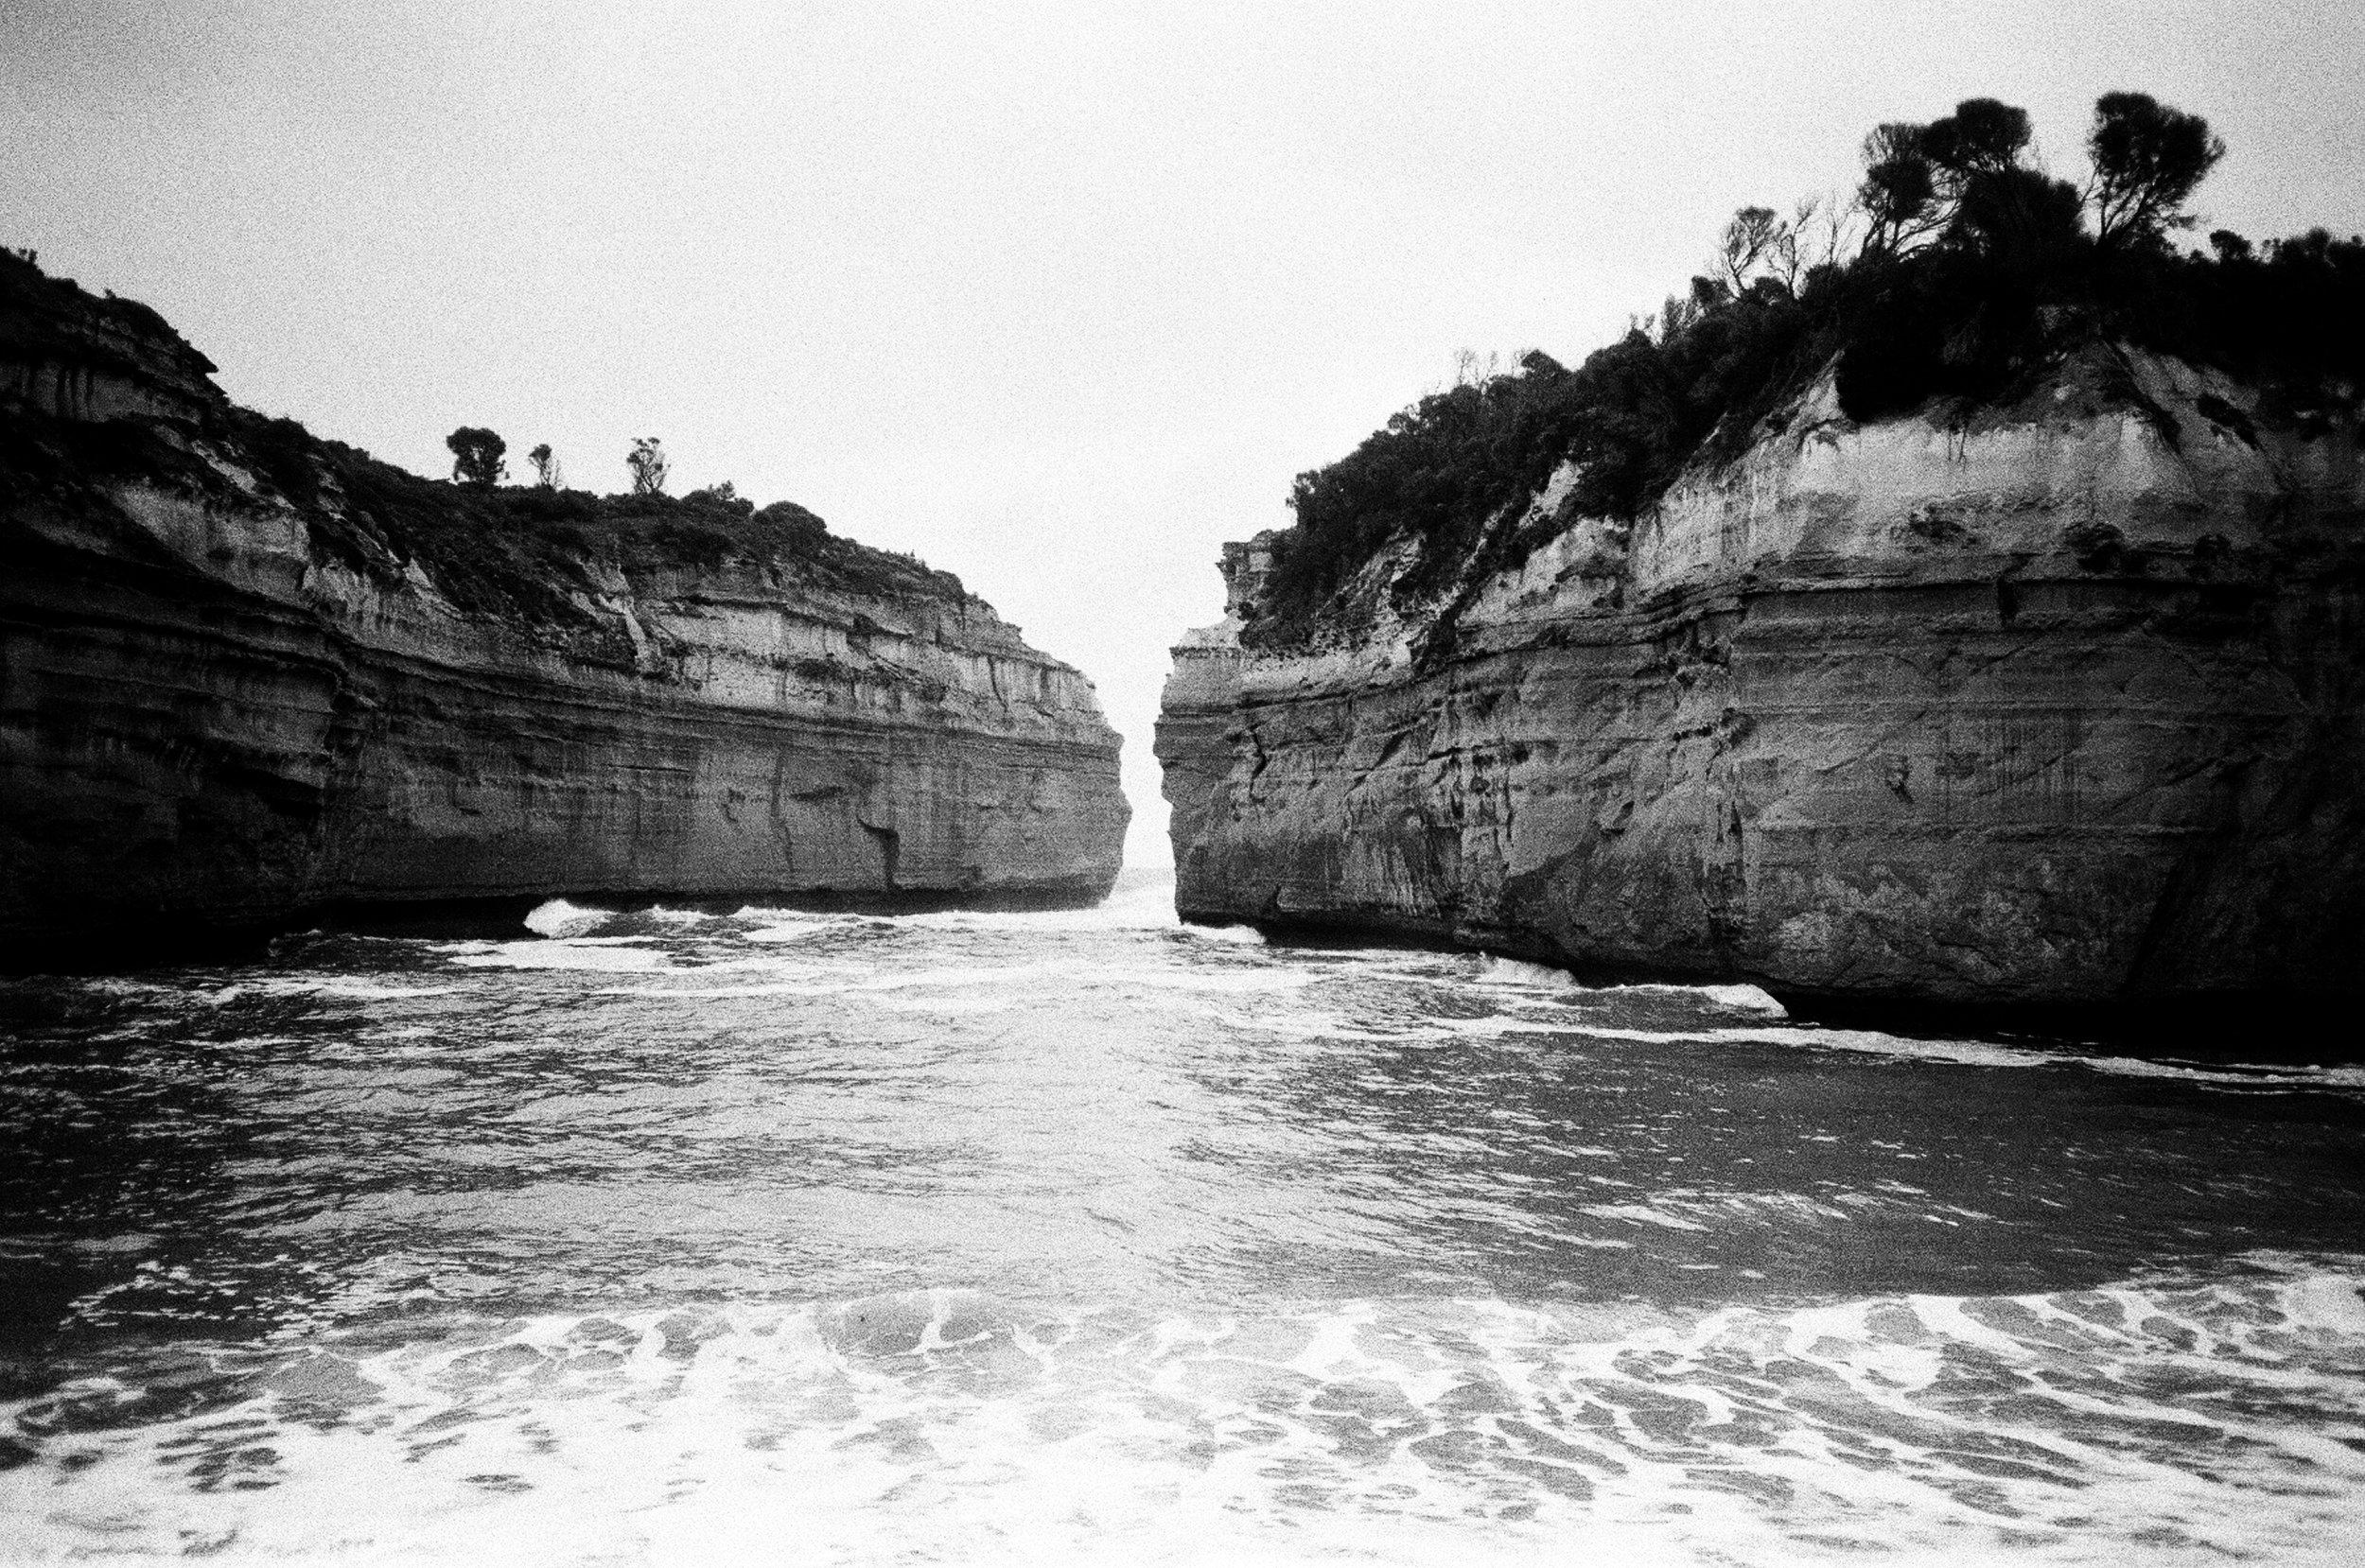 The Great Ocean Road, Australia - Danny